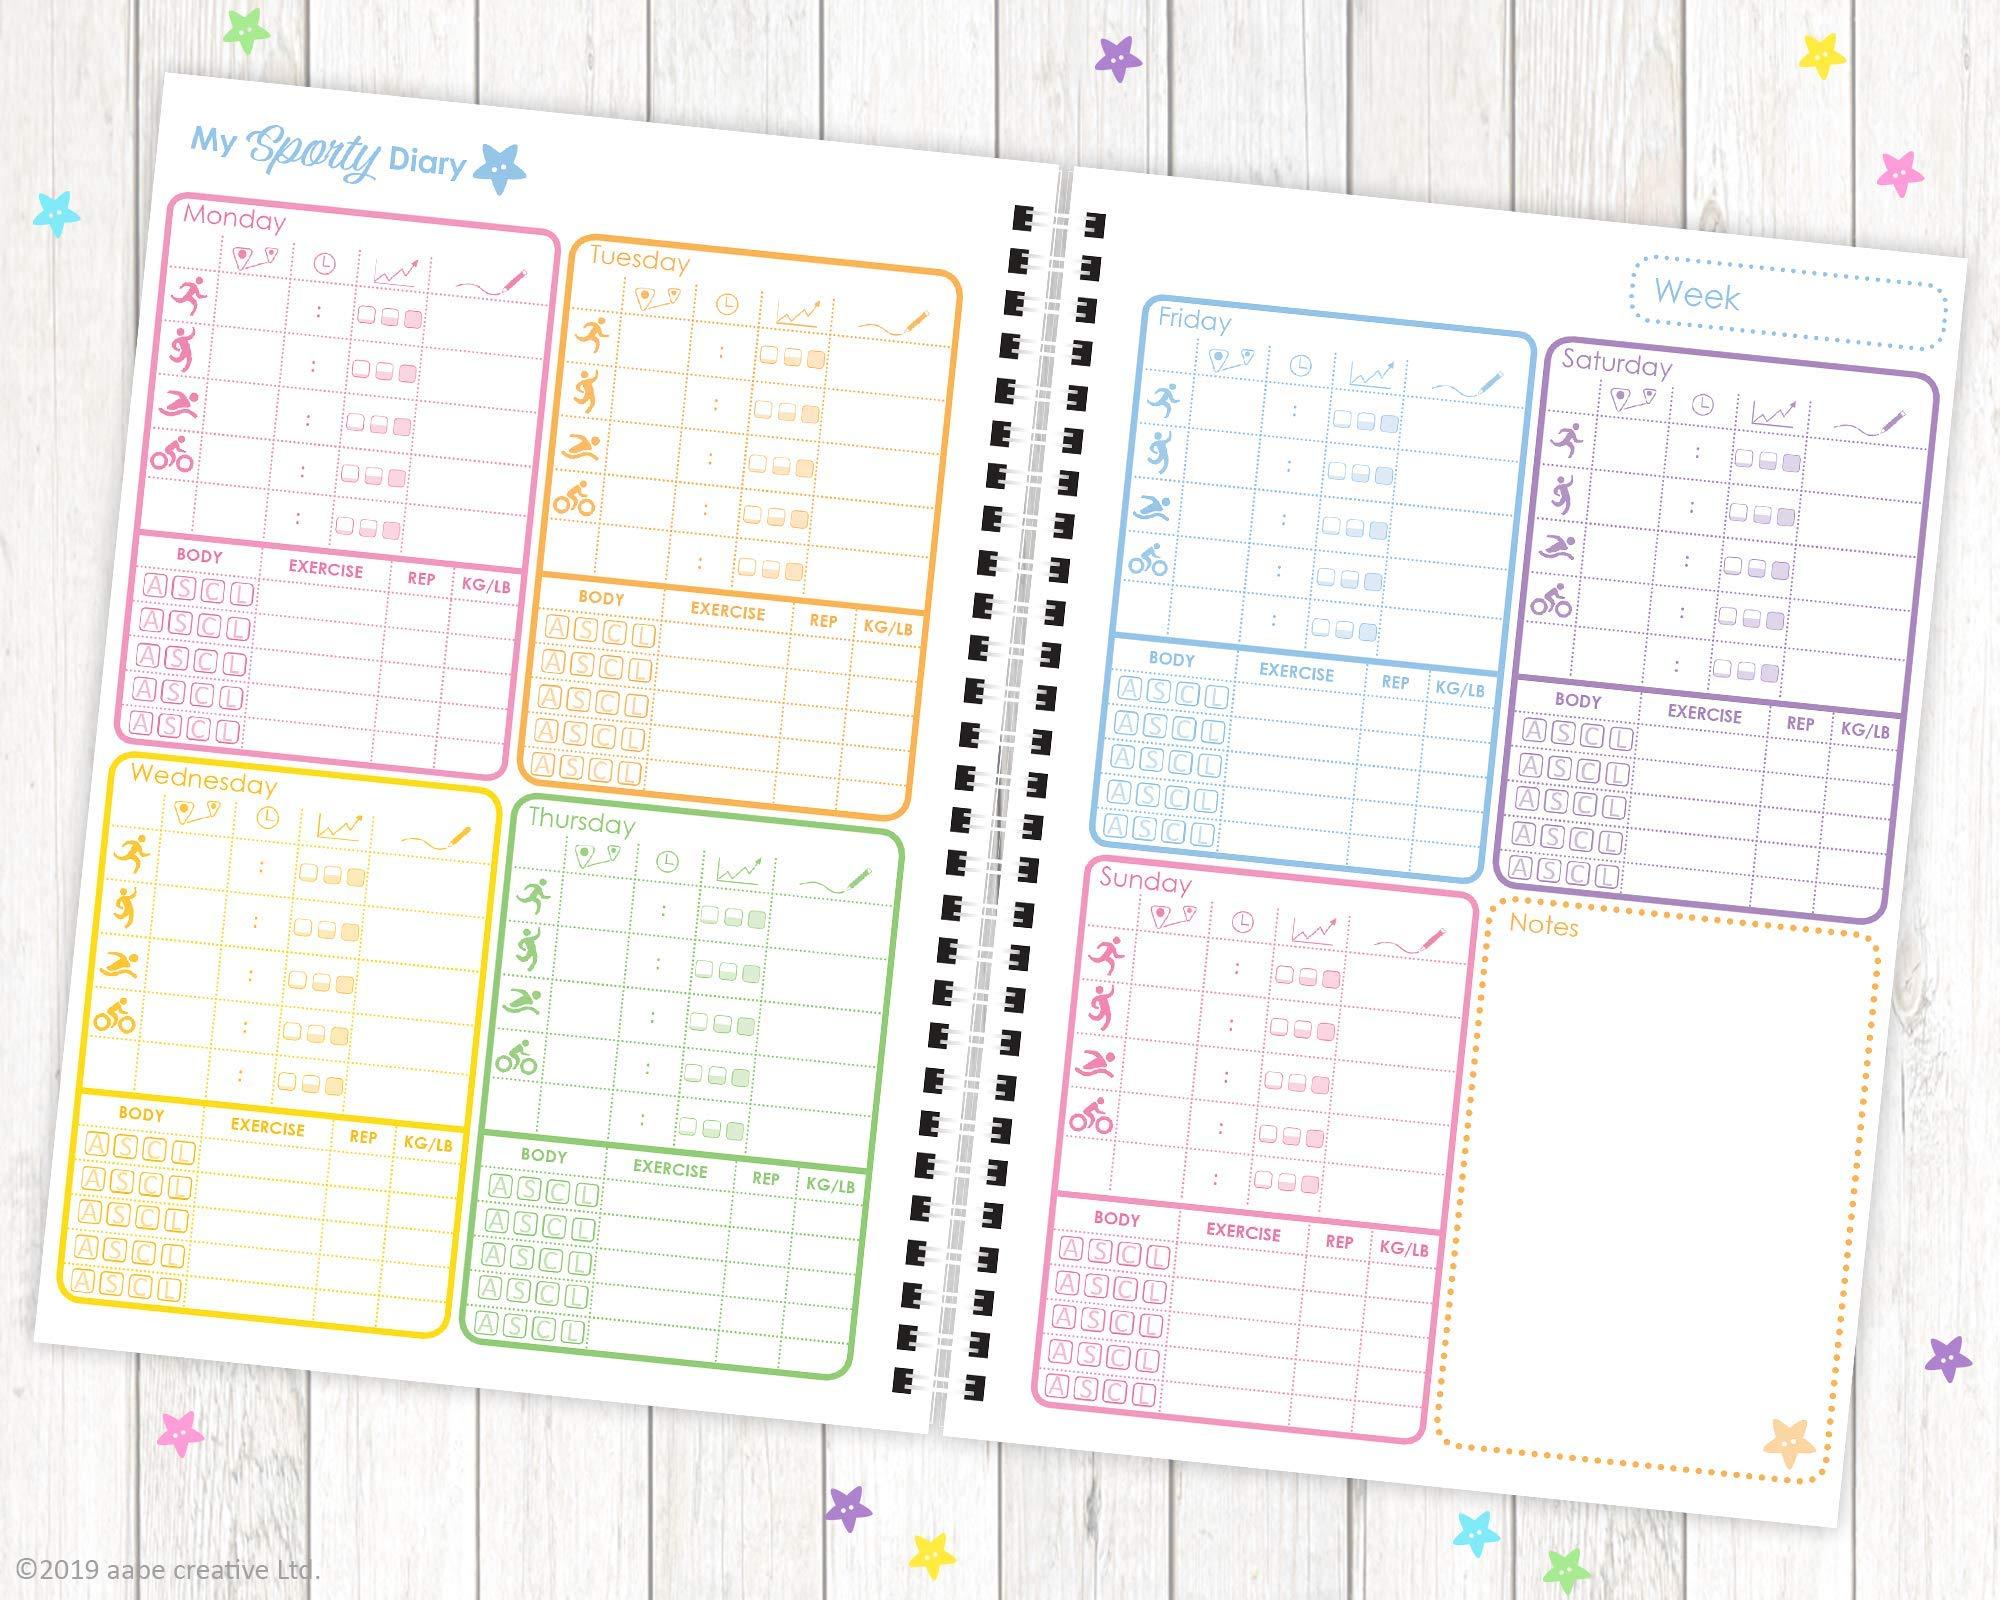 My Sporty Diary (12 meses) planificador de ejercicios, planificador de fitness, diario de ejercicios, hecho a mano, A5… 3